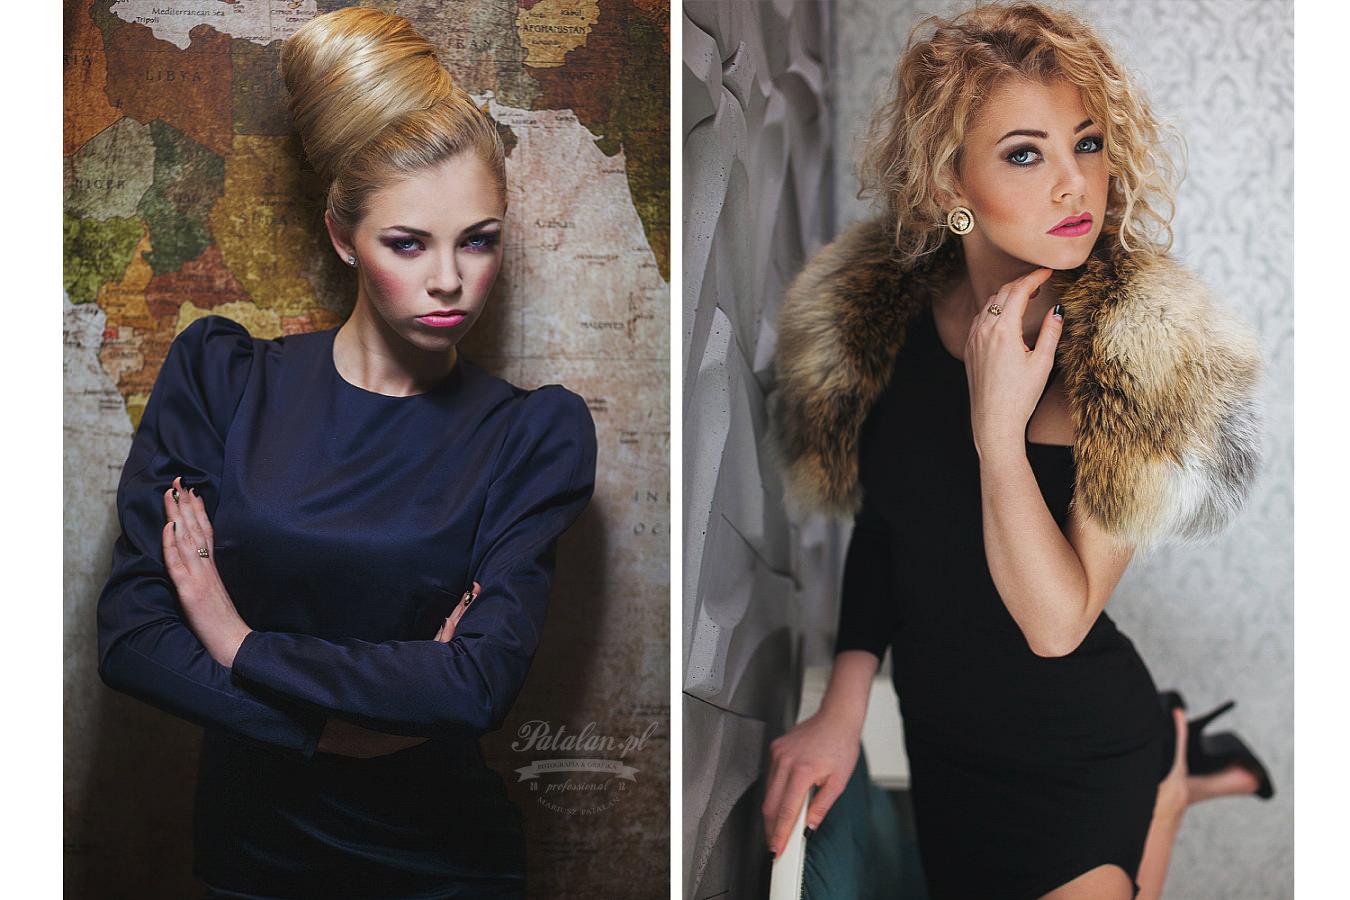 golden pixel studio, sesja w apartamencie, sesja buduarowa, sesja modowa, seksowna modelka w hamaku,   projektantka ubrania sesja, sesja stylizowana, fotograf zambrów